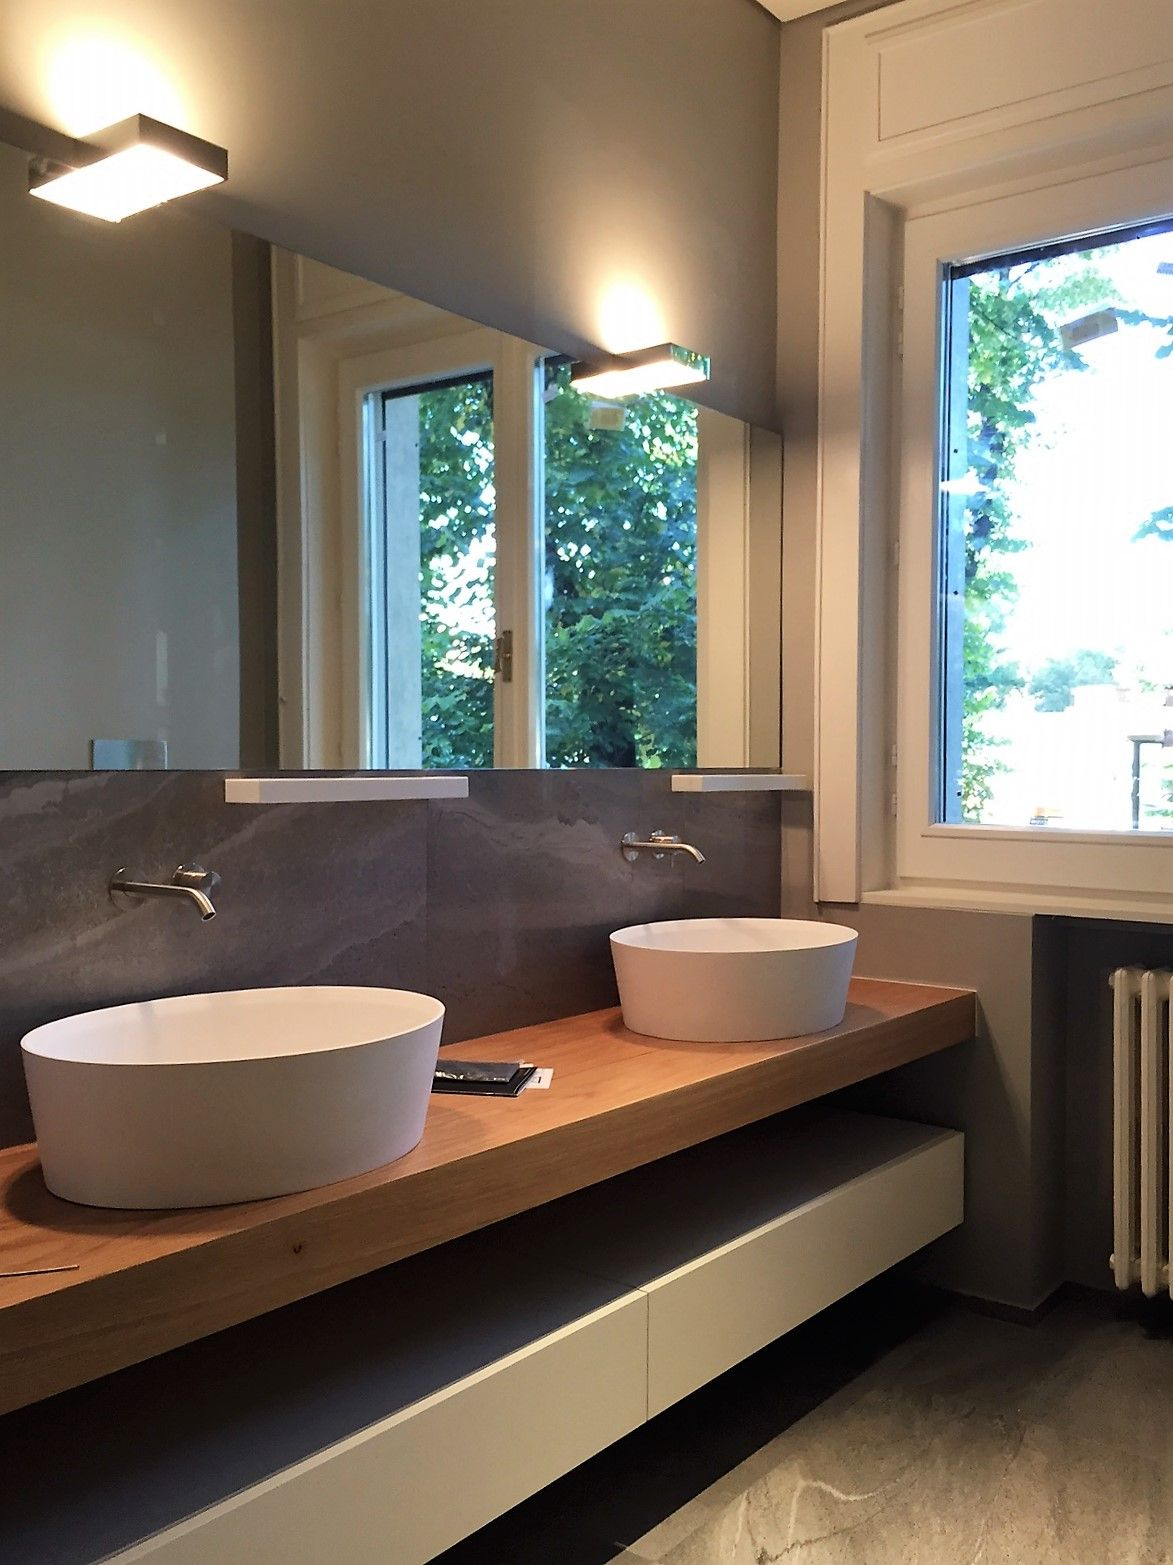 bagno con piano in legno e doppio lavabo in corian | Bathrooms ...